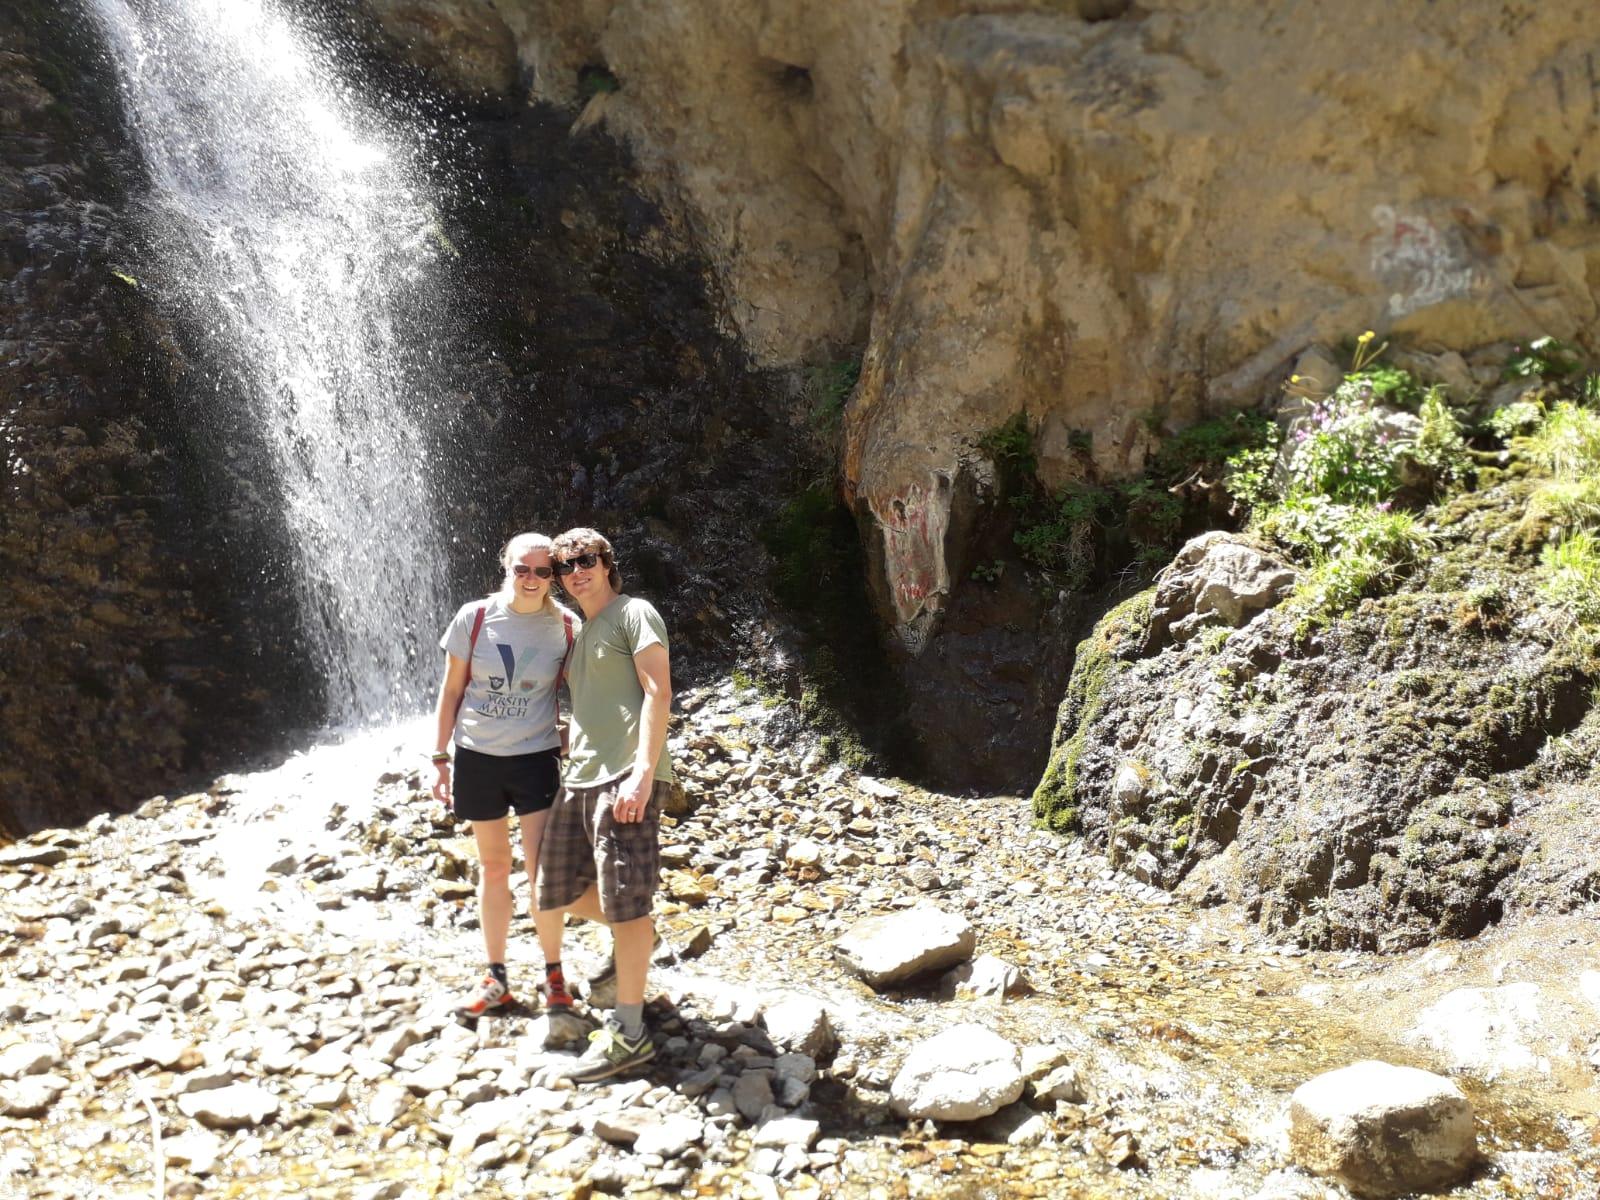 >У Иссык-Атинского водопада